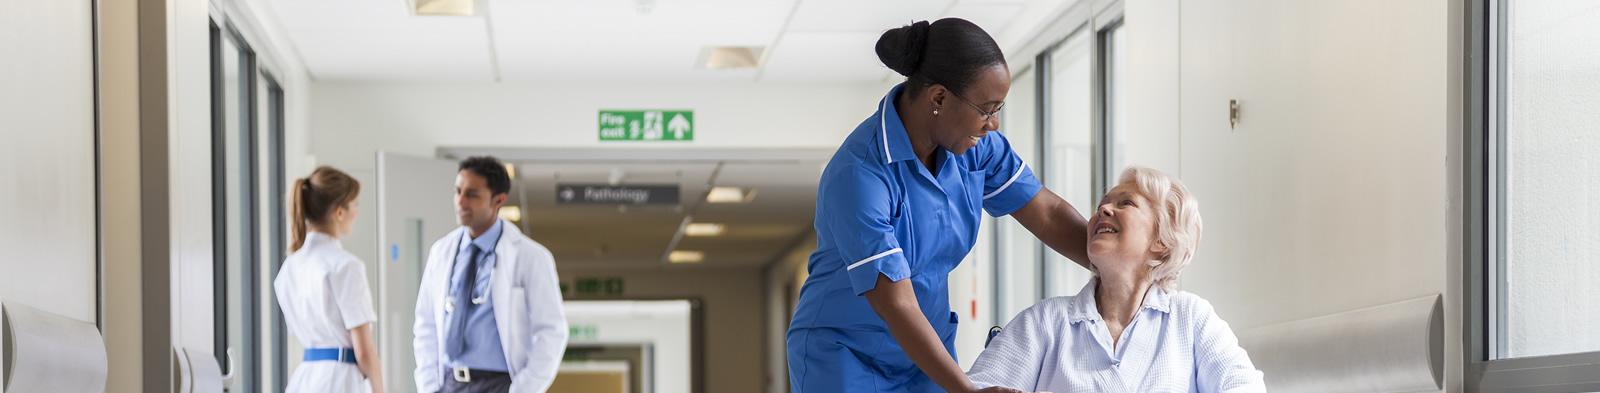 Nurse and patient in hospital corridor